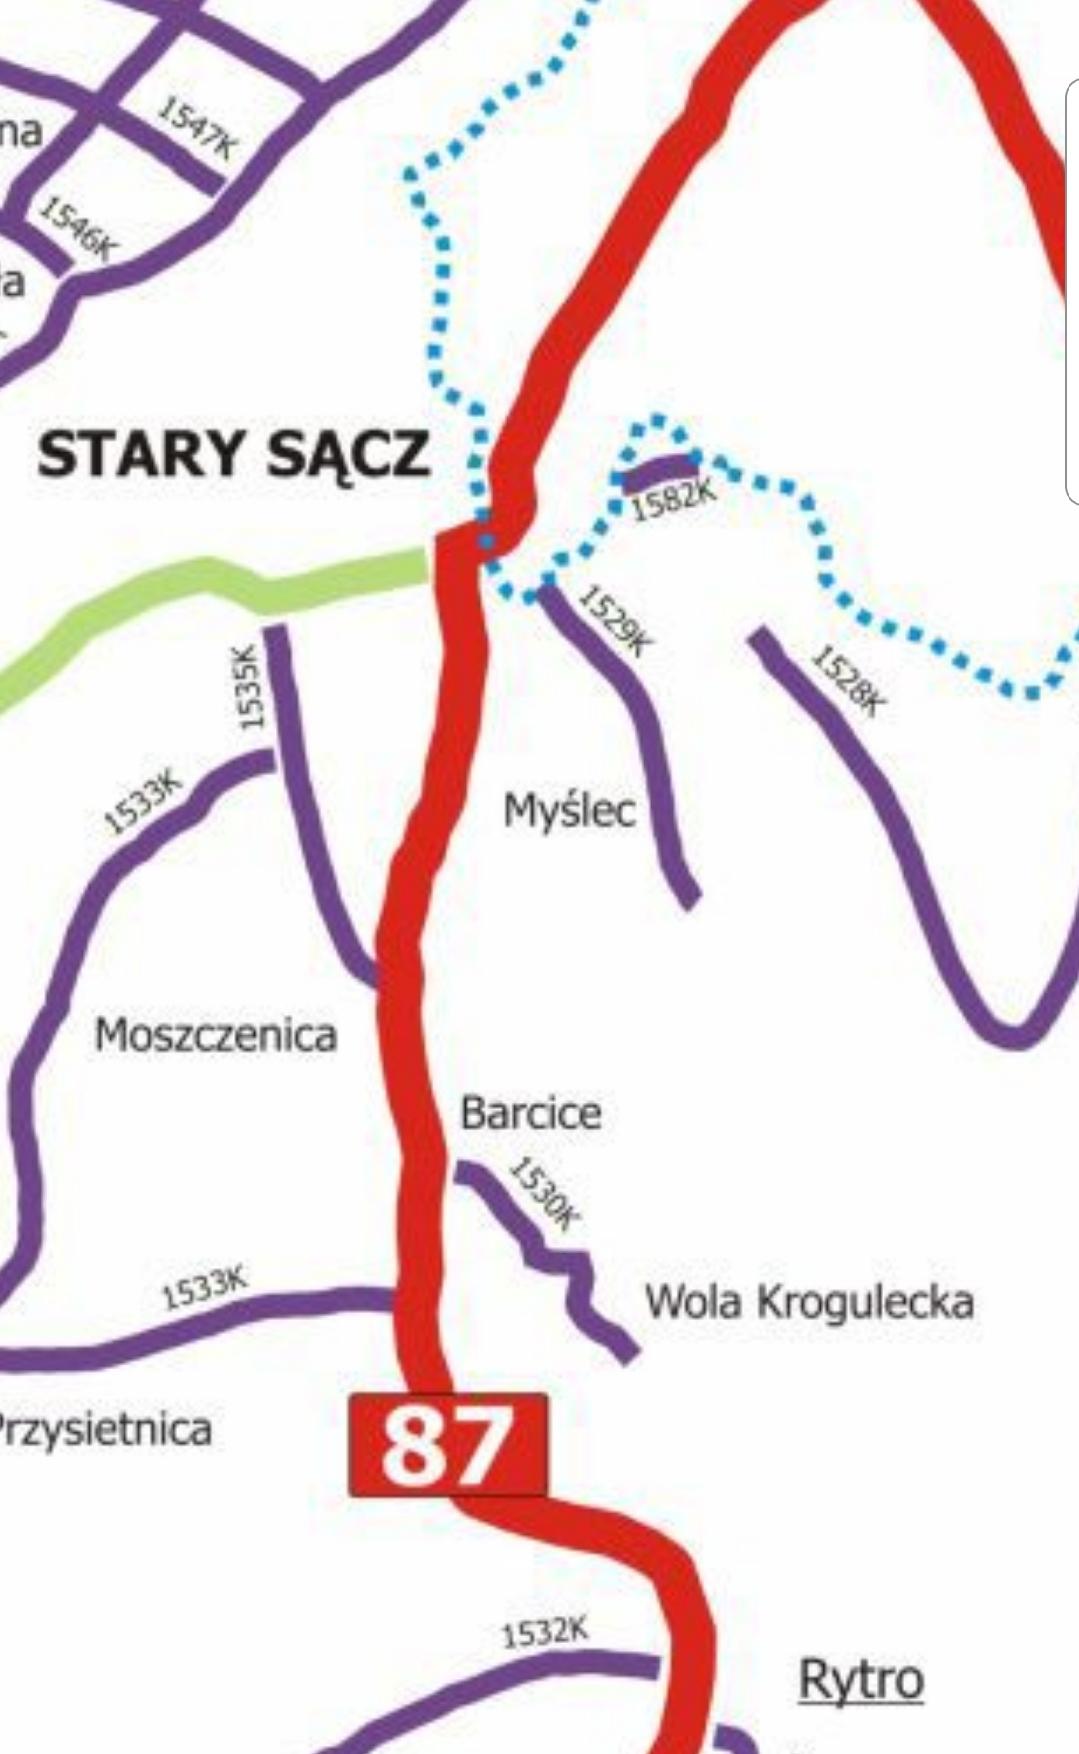 Remont drogi Nowy Sącz - Myślec